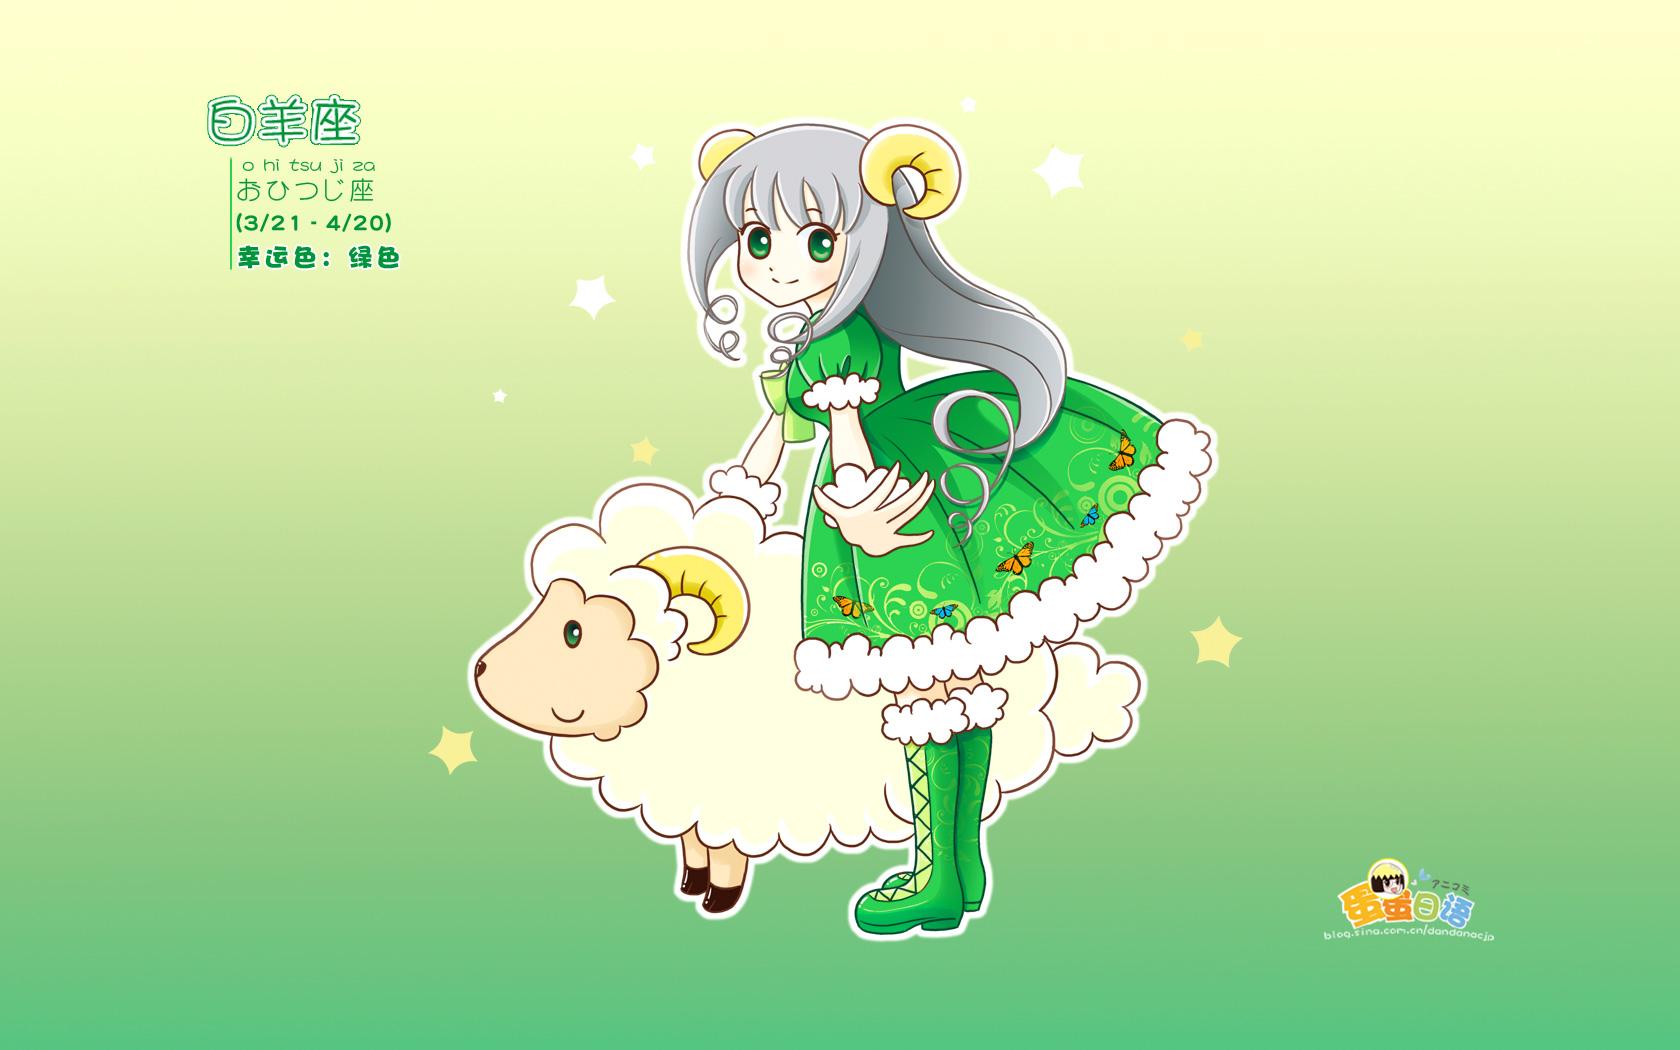 萝莉12星(白羊座)巨蟹座女生幼稚图片